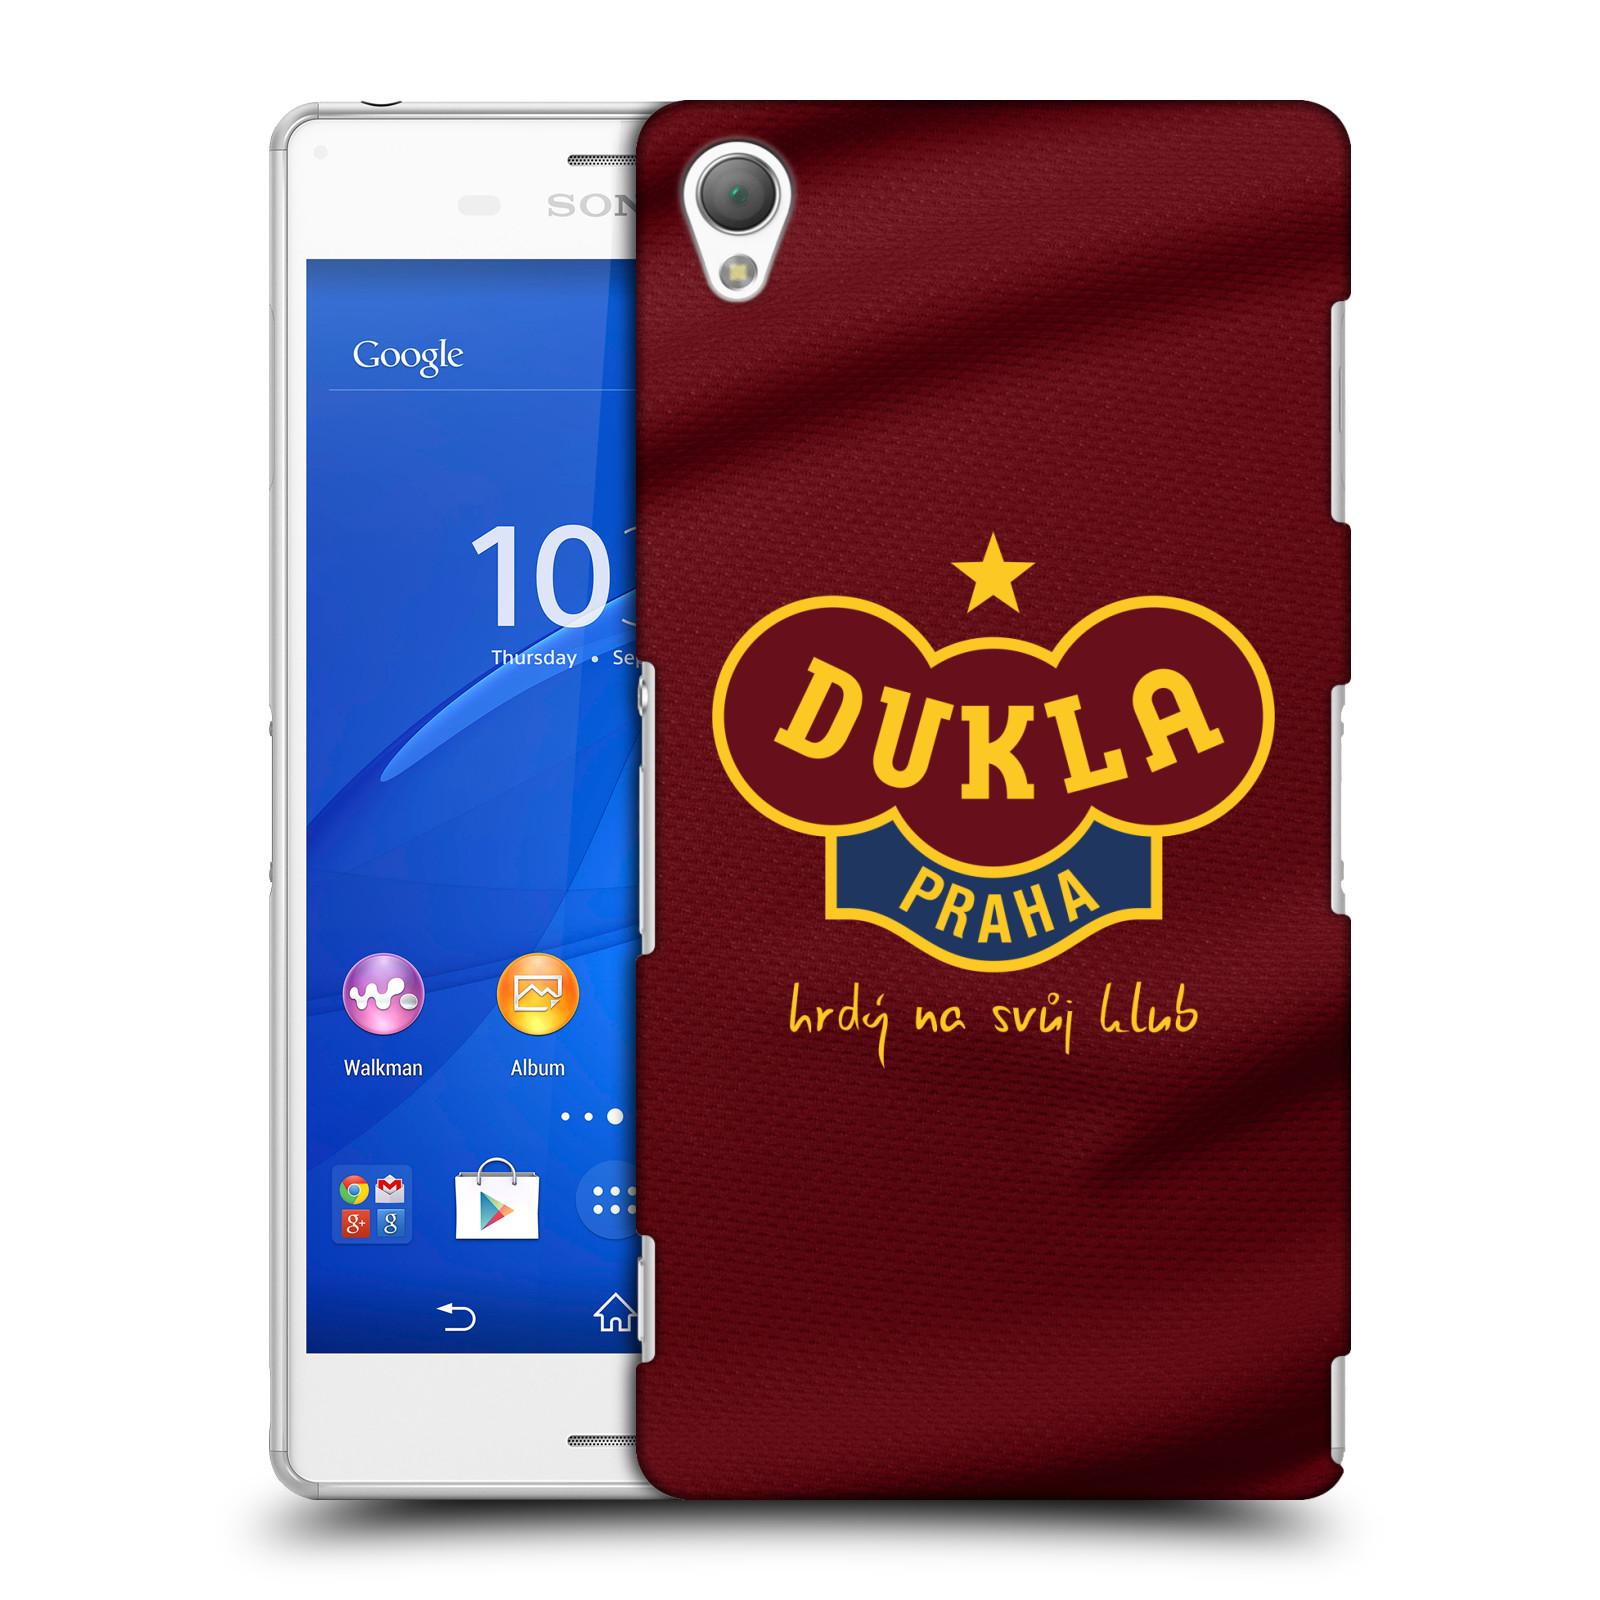 Plastové pouzdro na mobil Sony Xperia Z3 D6603 - FK Dukla Praha - Vínově červený dres